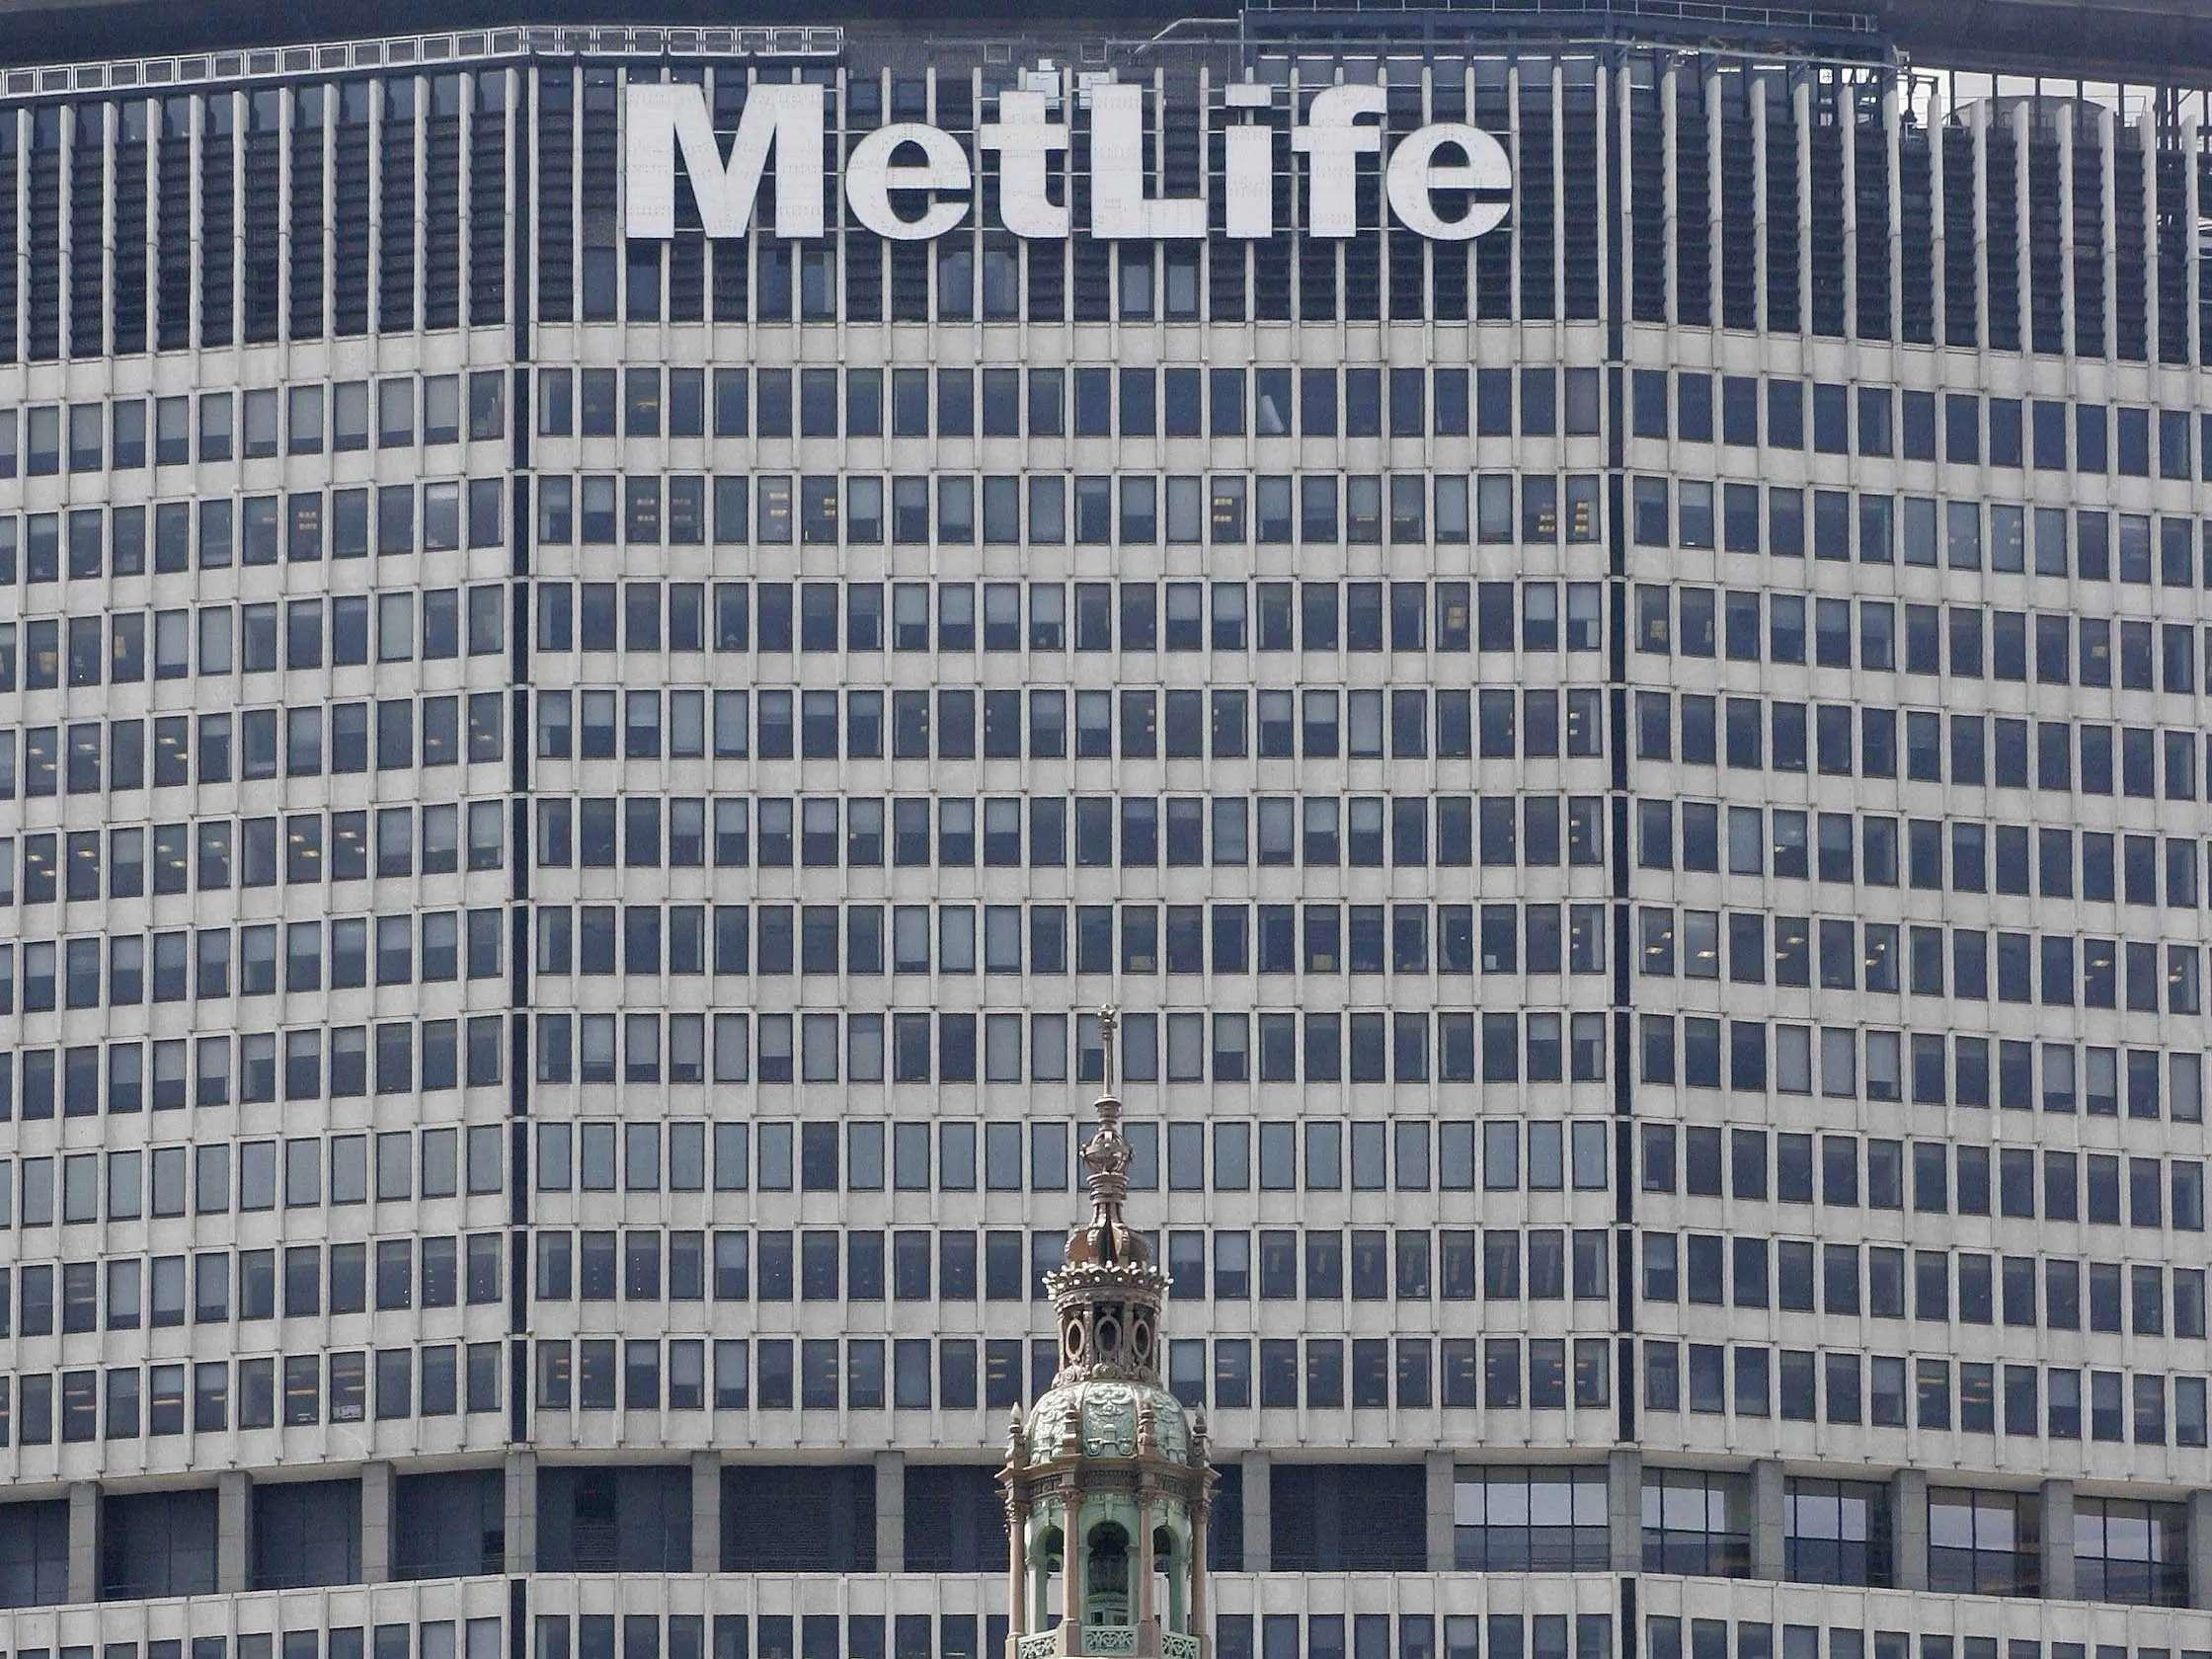 47. MetLife is held by 22 funds